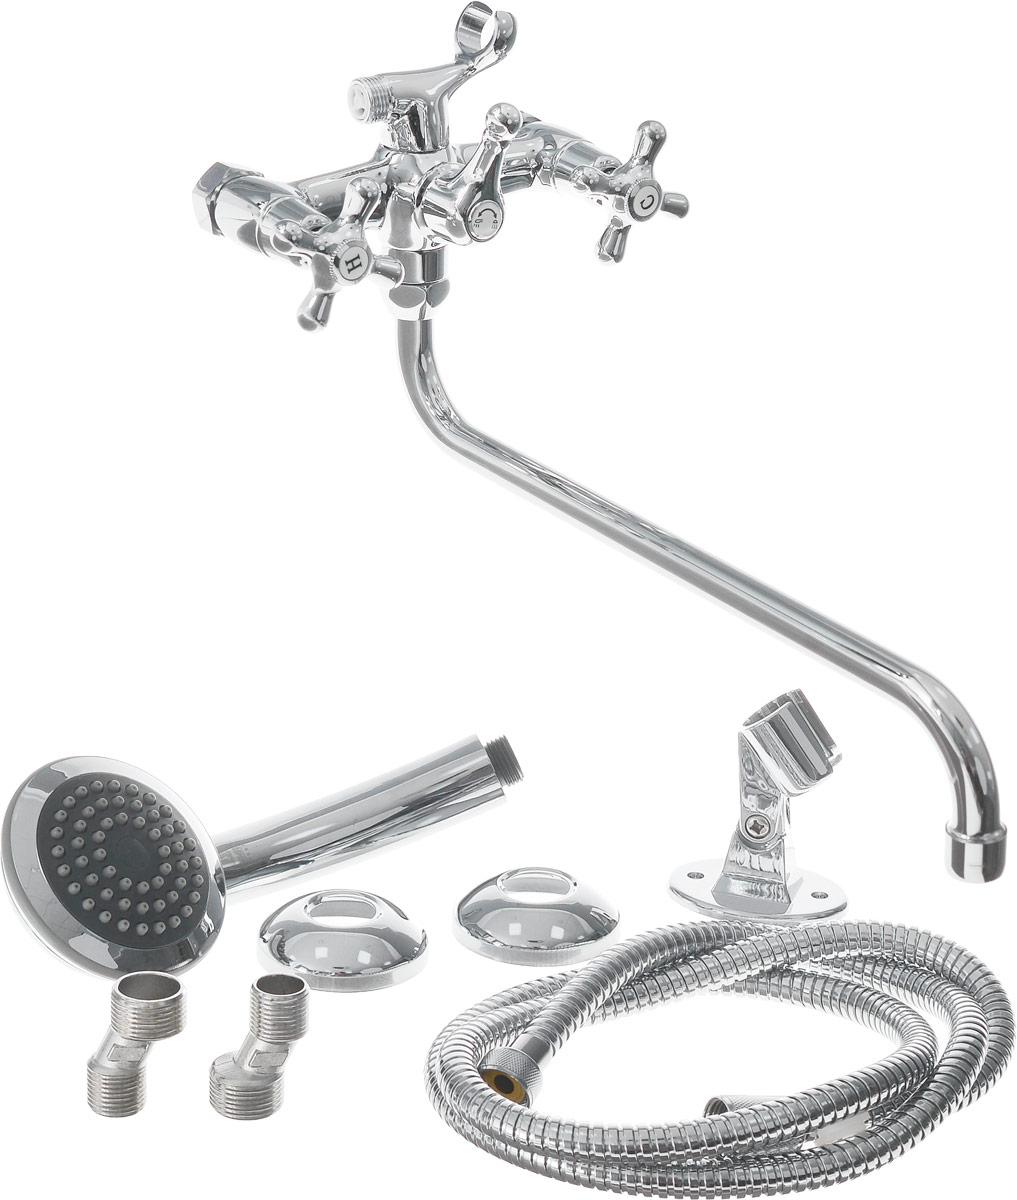 Смеситель для ванны и душа Smartsant Смарт-Кросс, цвет: хром смеситель для кухни smartsant смарт шот sm193501aa